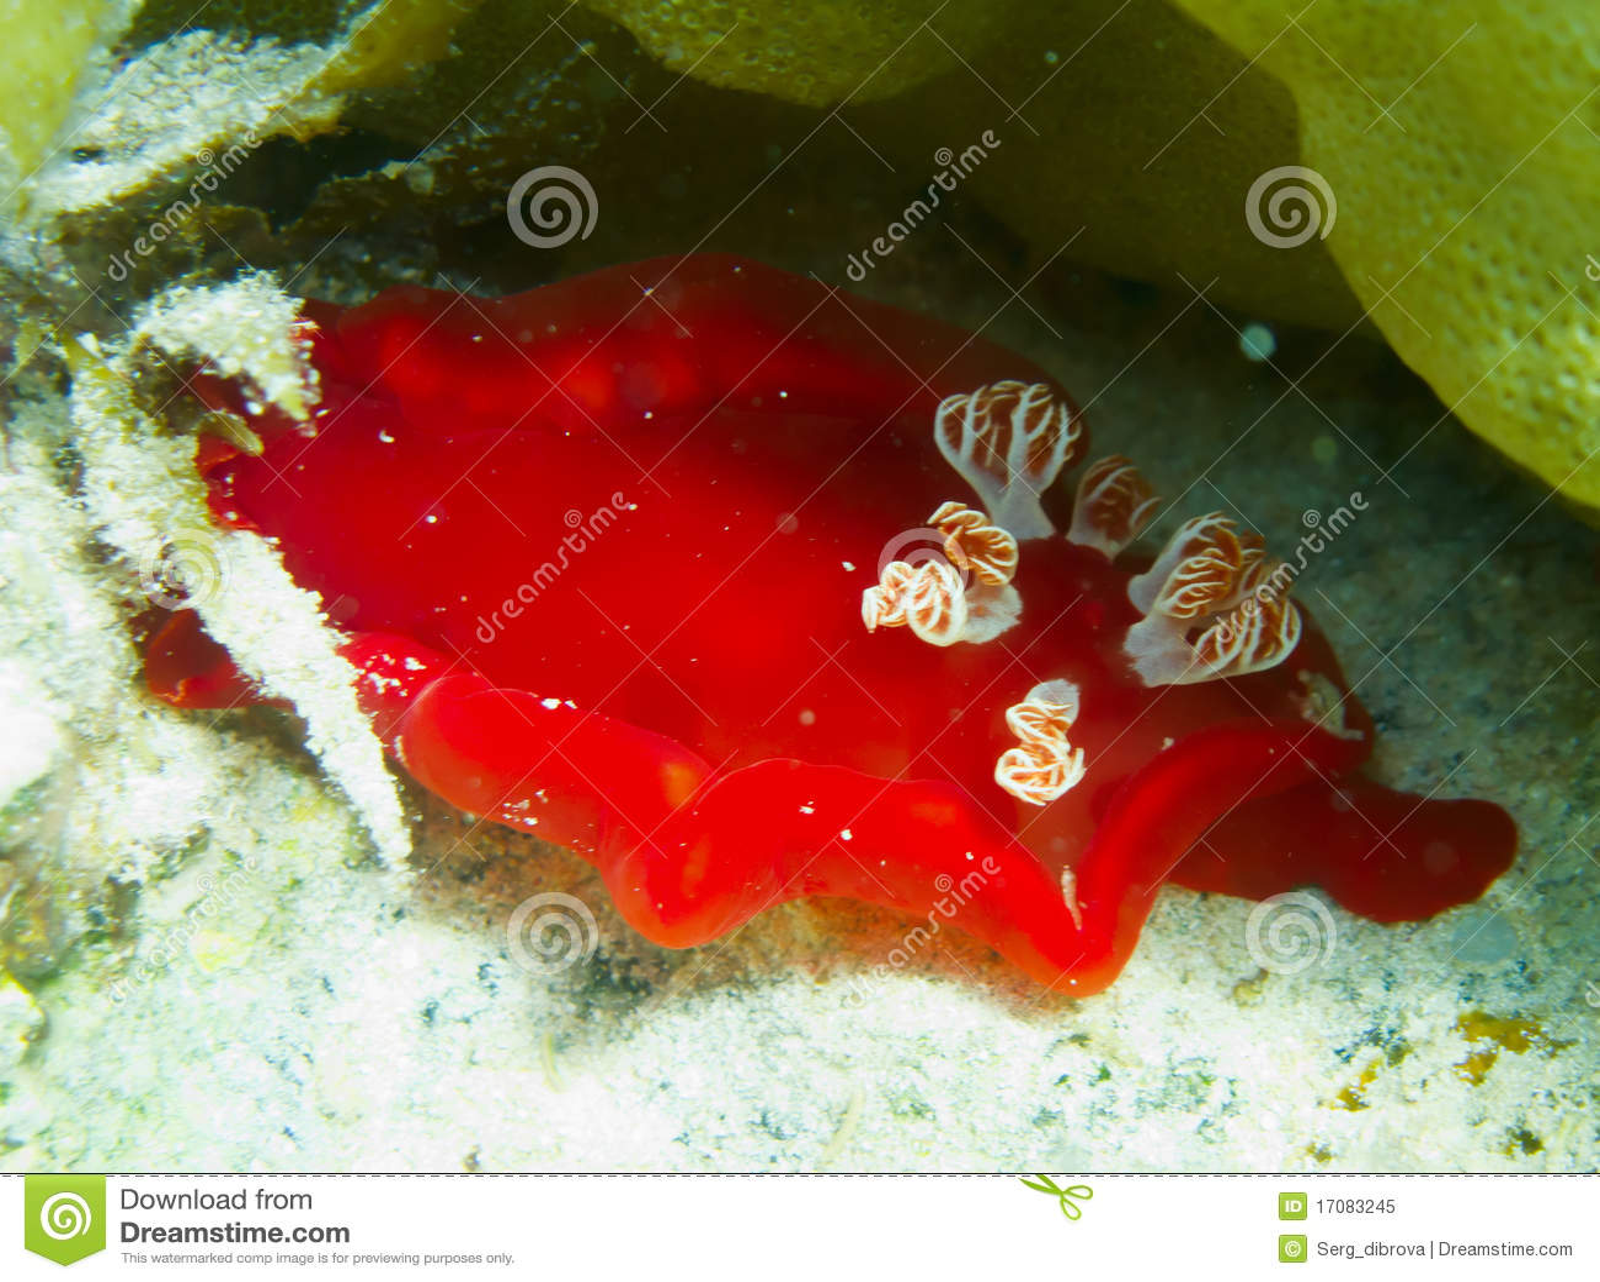 Spanisches Tänzer nudibranch